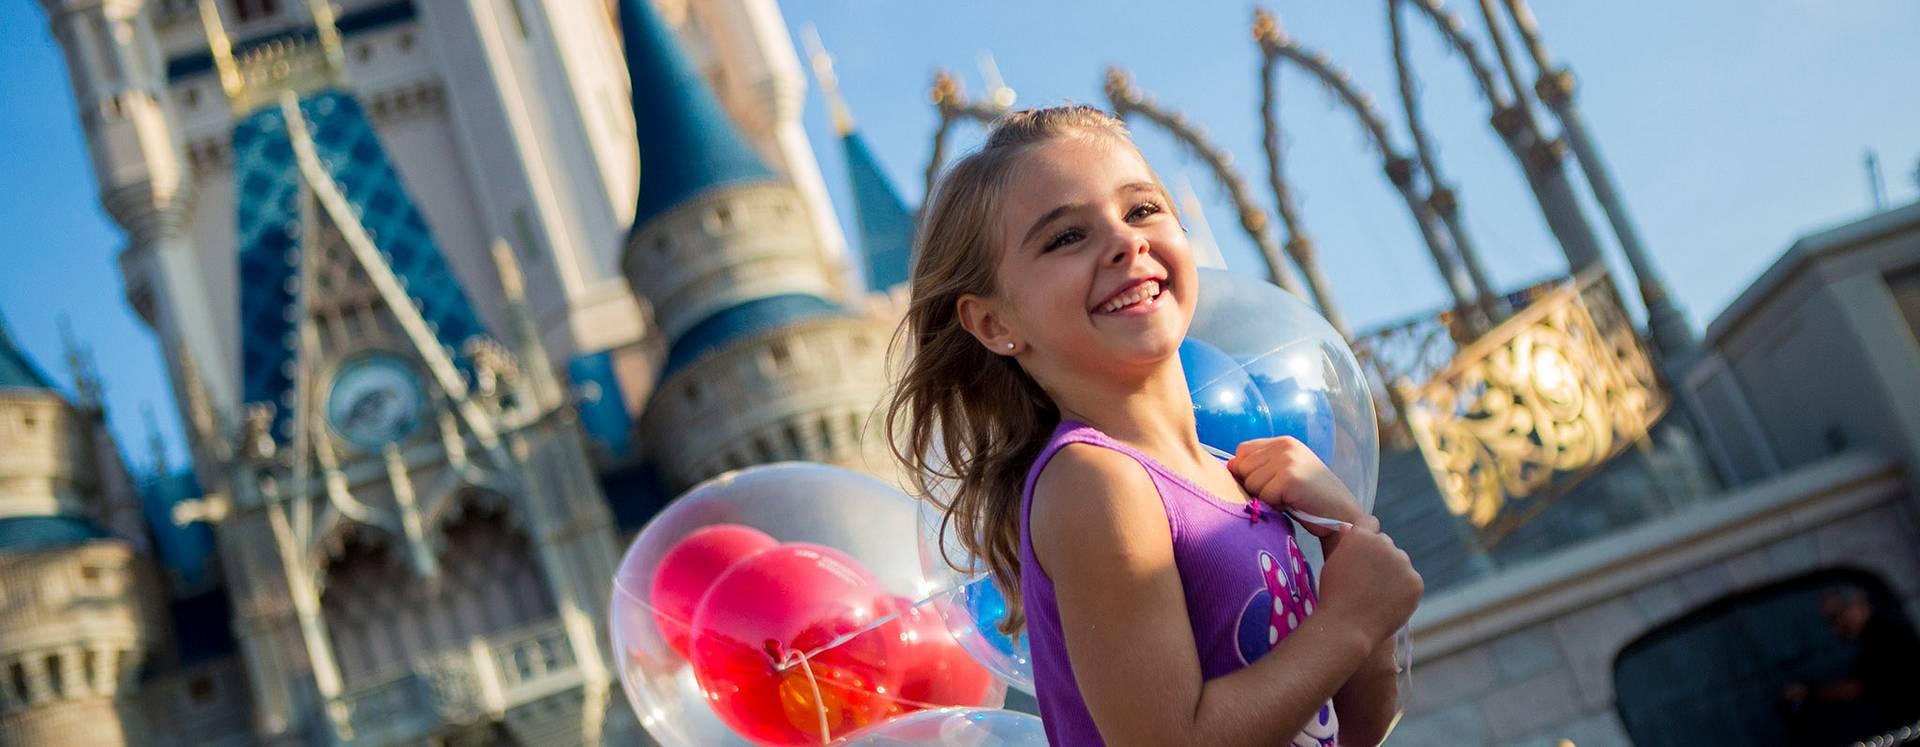 Una niña corre frente al Cinderella Castle con globos de Mickey.